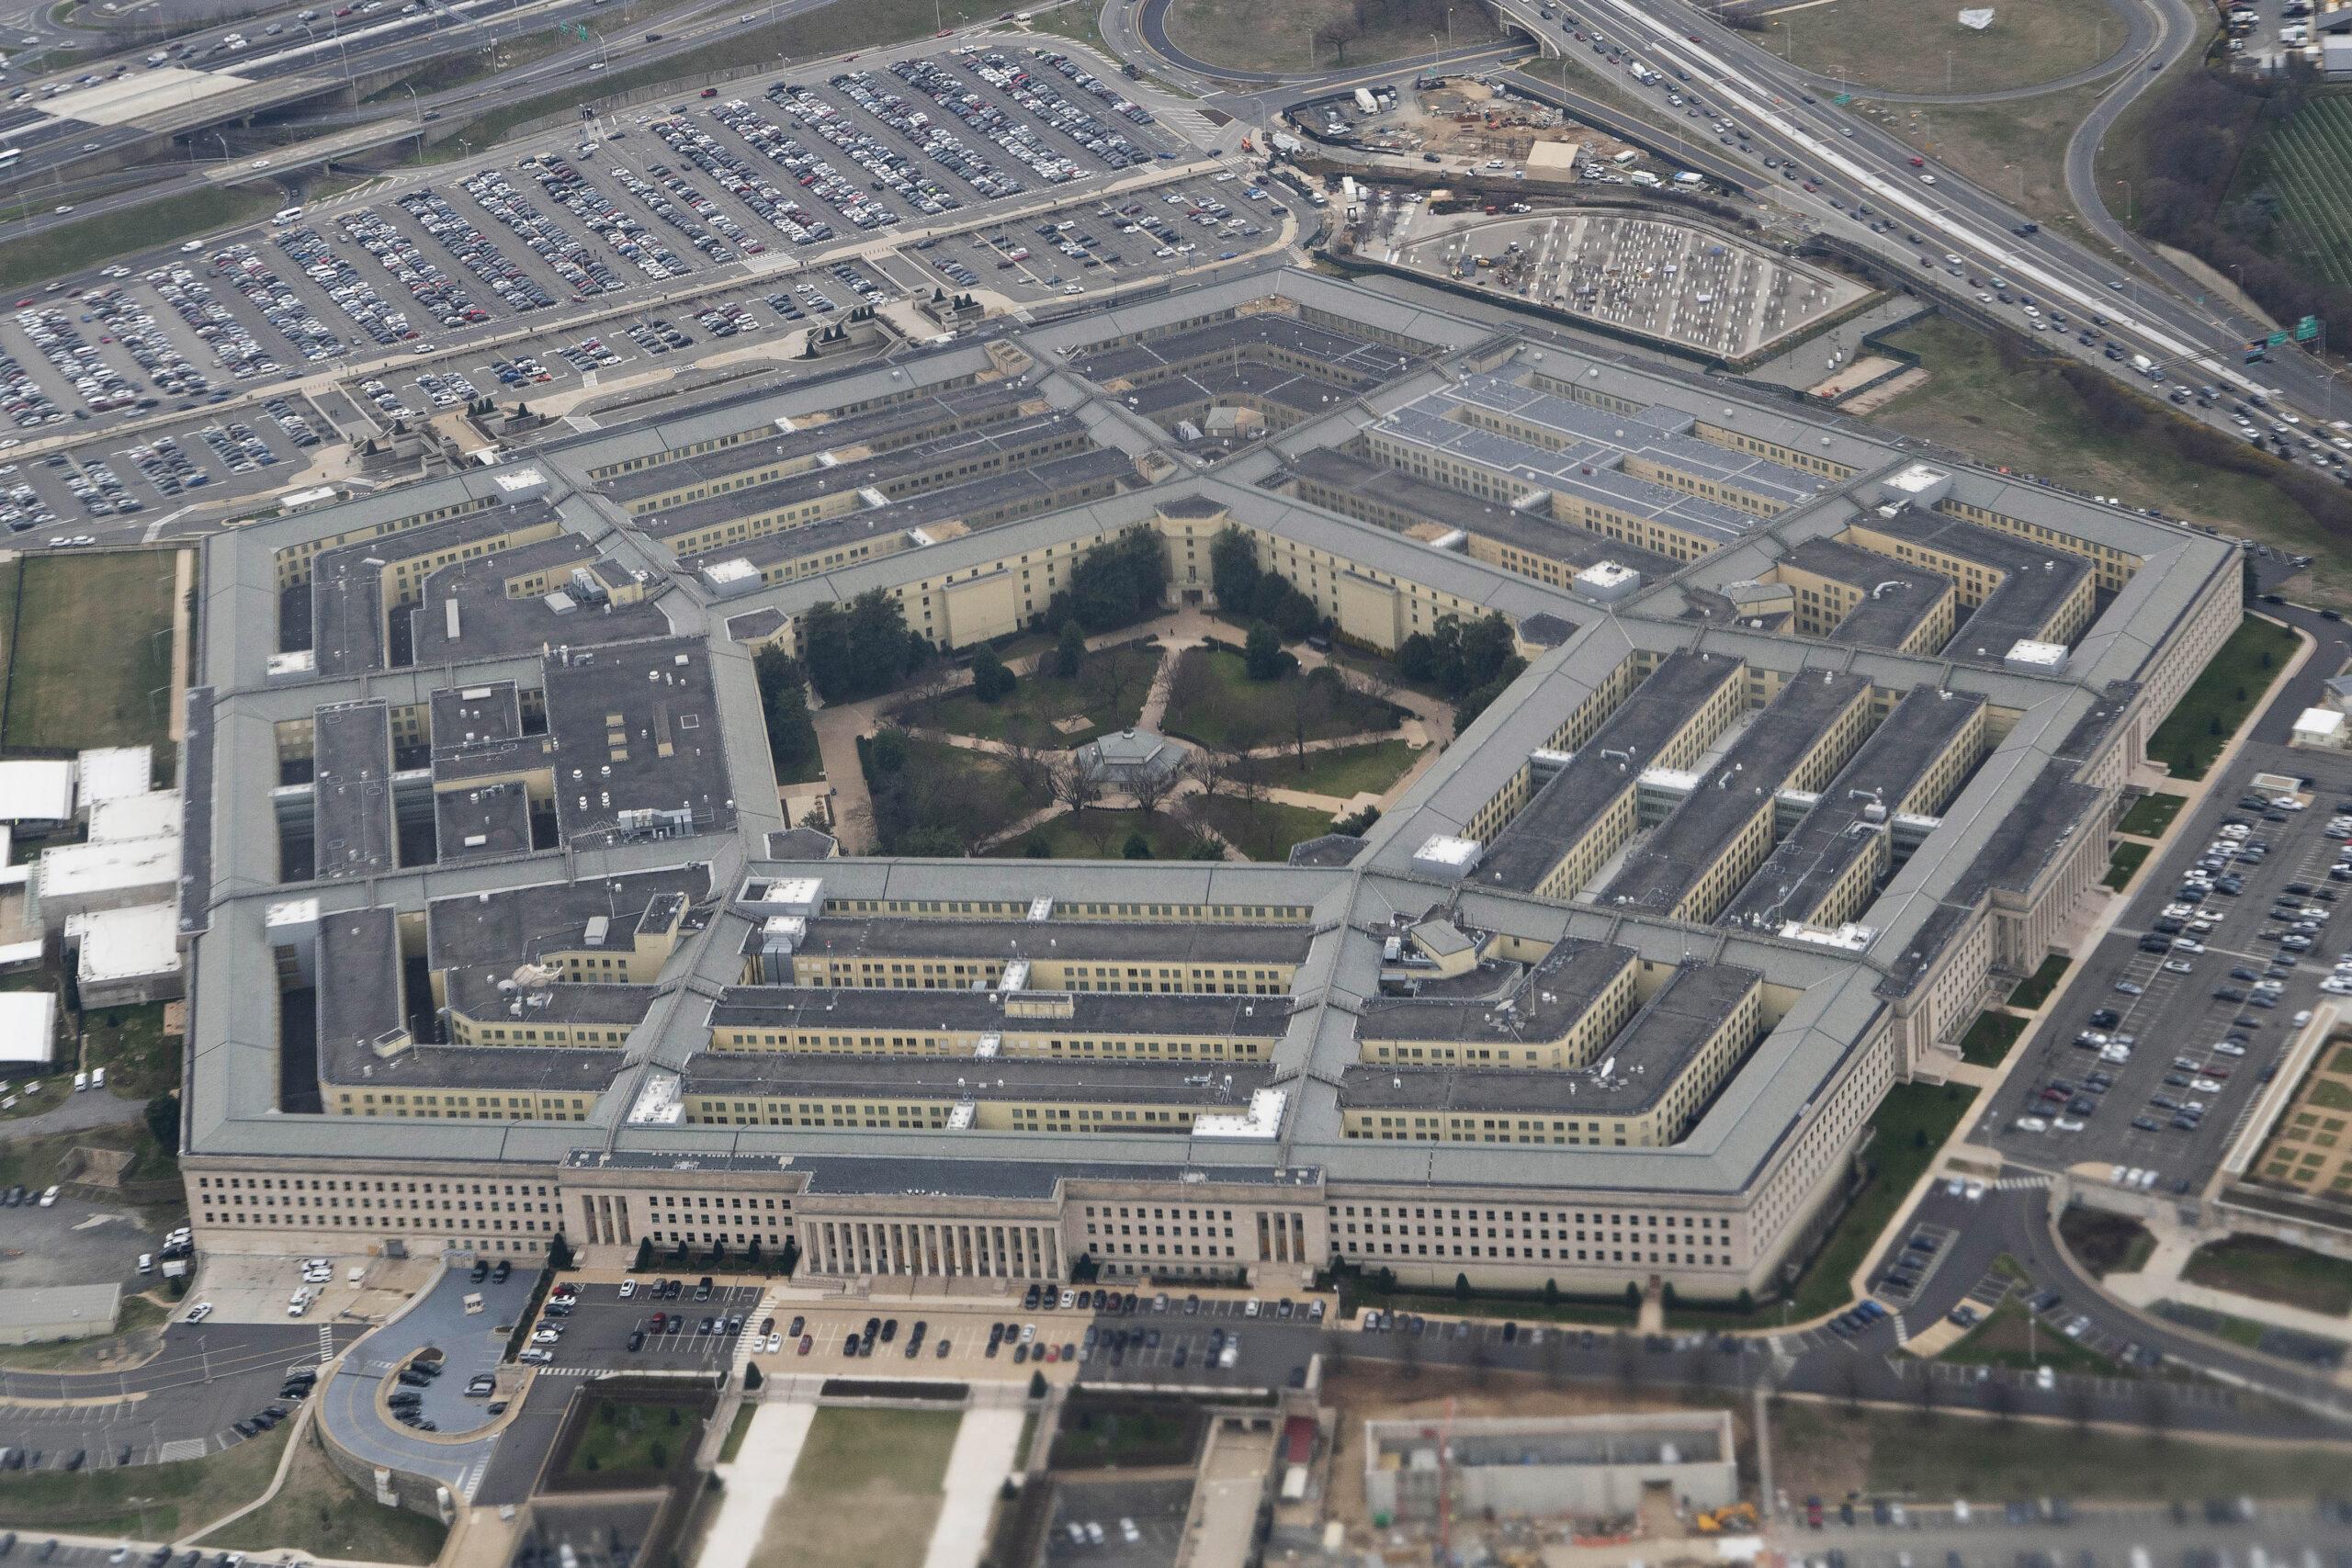 รักษาการบิ๊กเพนตากอนคนใหม่ลั่นทหารสหรัฐฯ 'ถึงเวลากลับบ้าน'